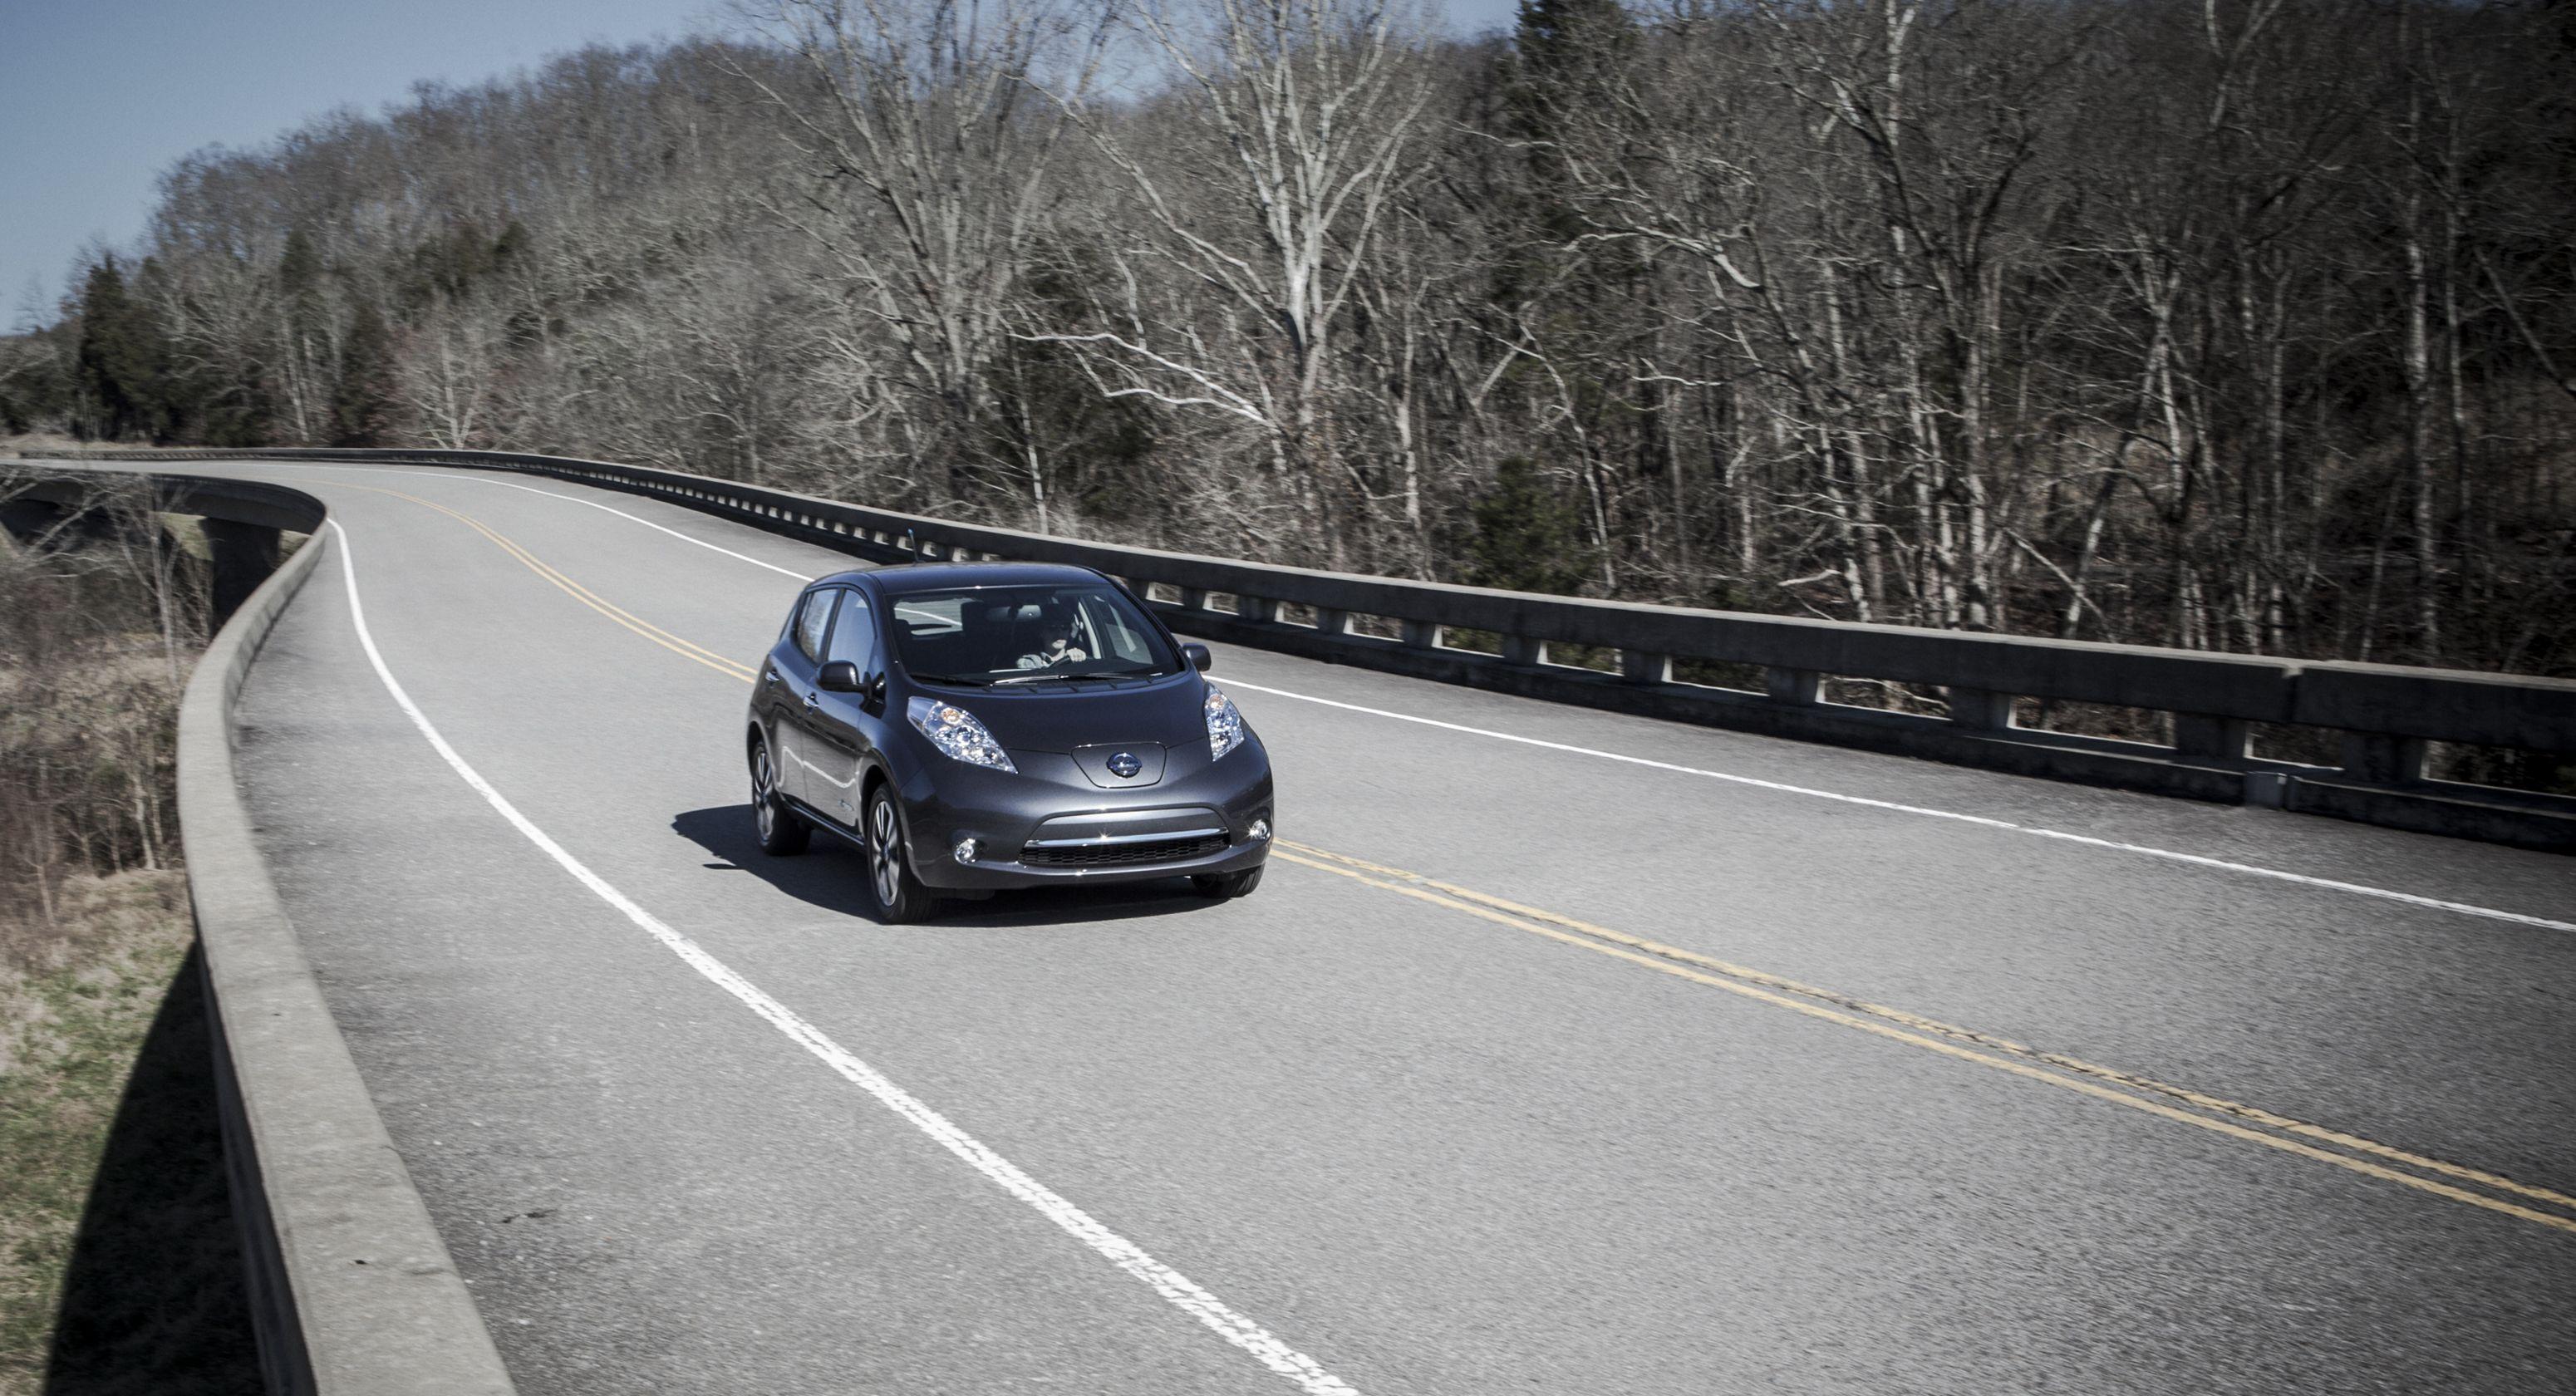 Nissan to Offer LEAF Battery Coverage Program